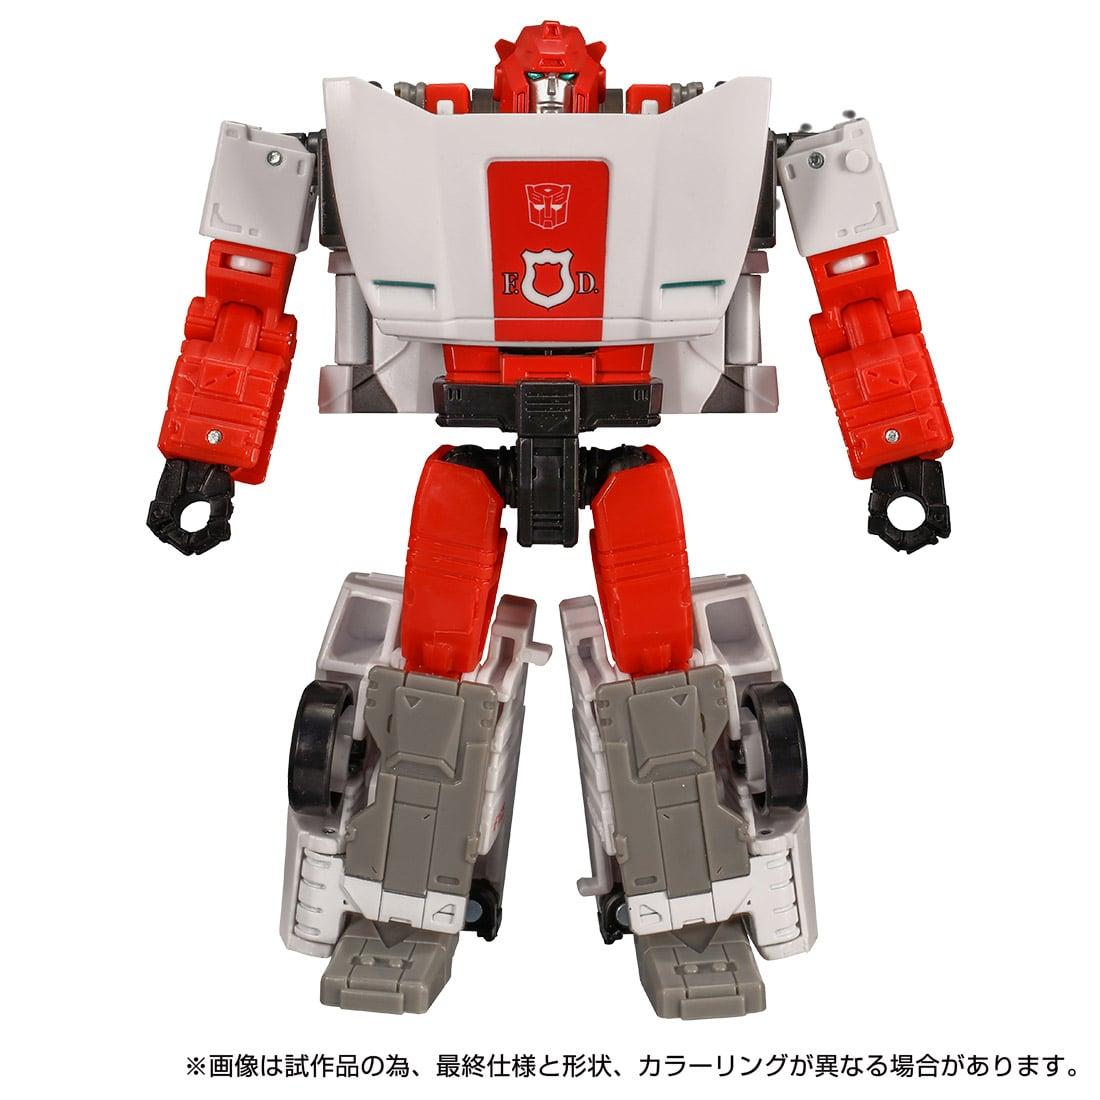 トランスフォーマー キングダム『KD-18 レッドアラート』可変可動フィギュア-002